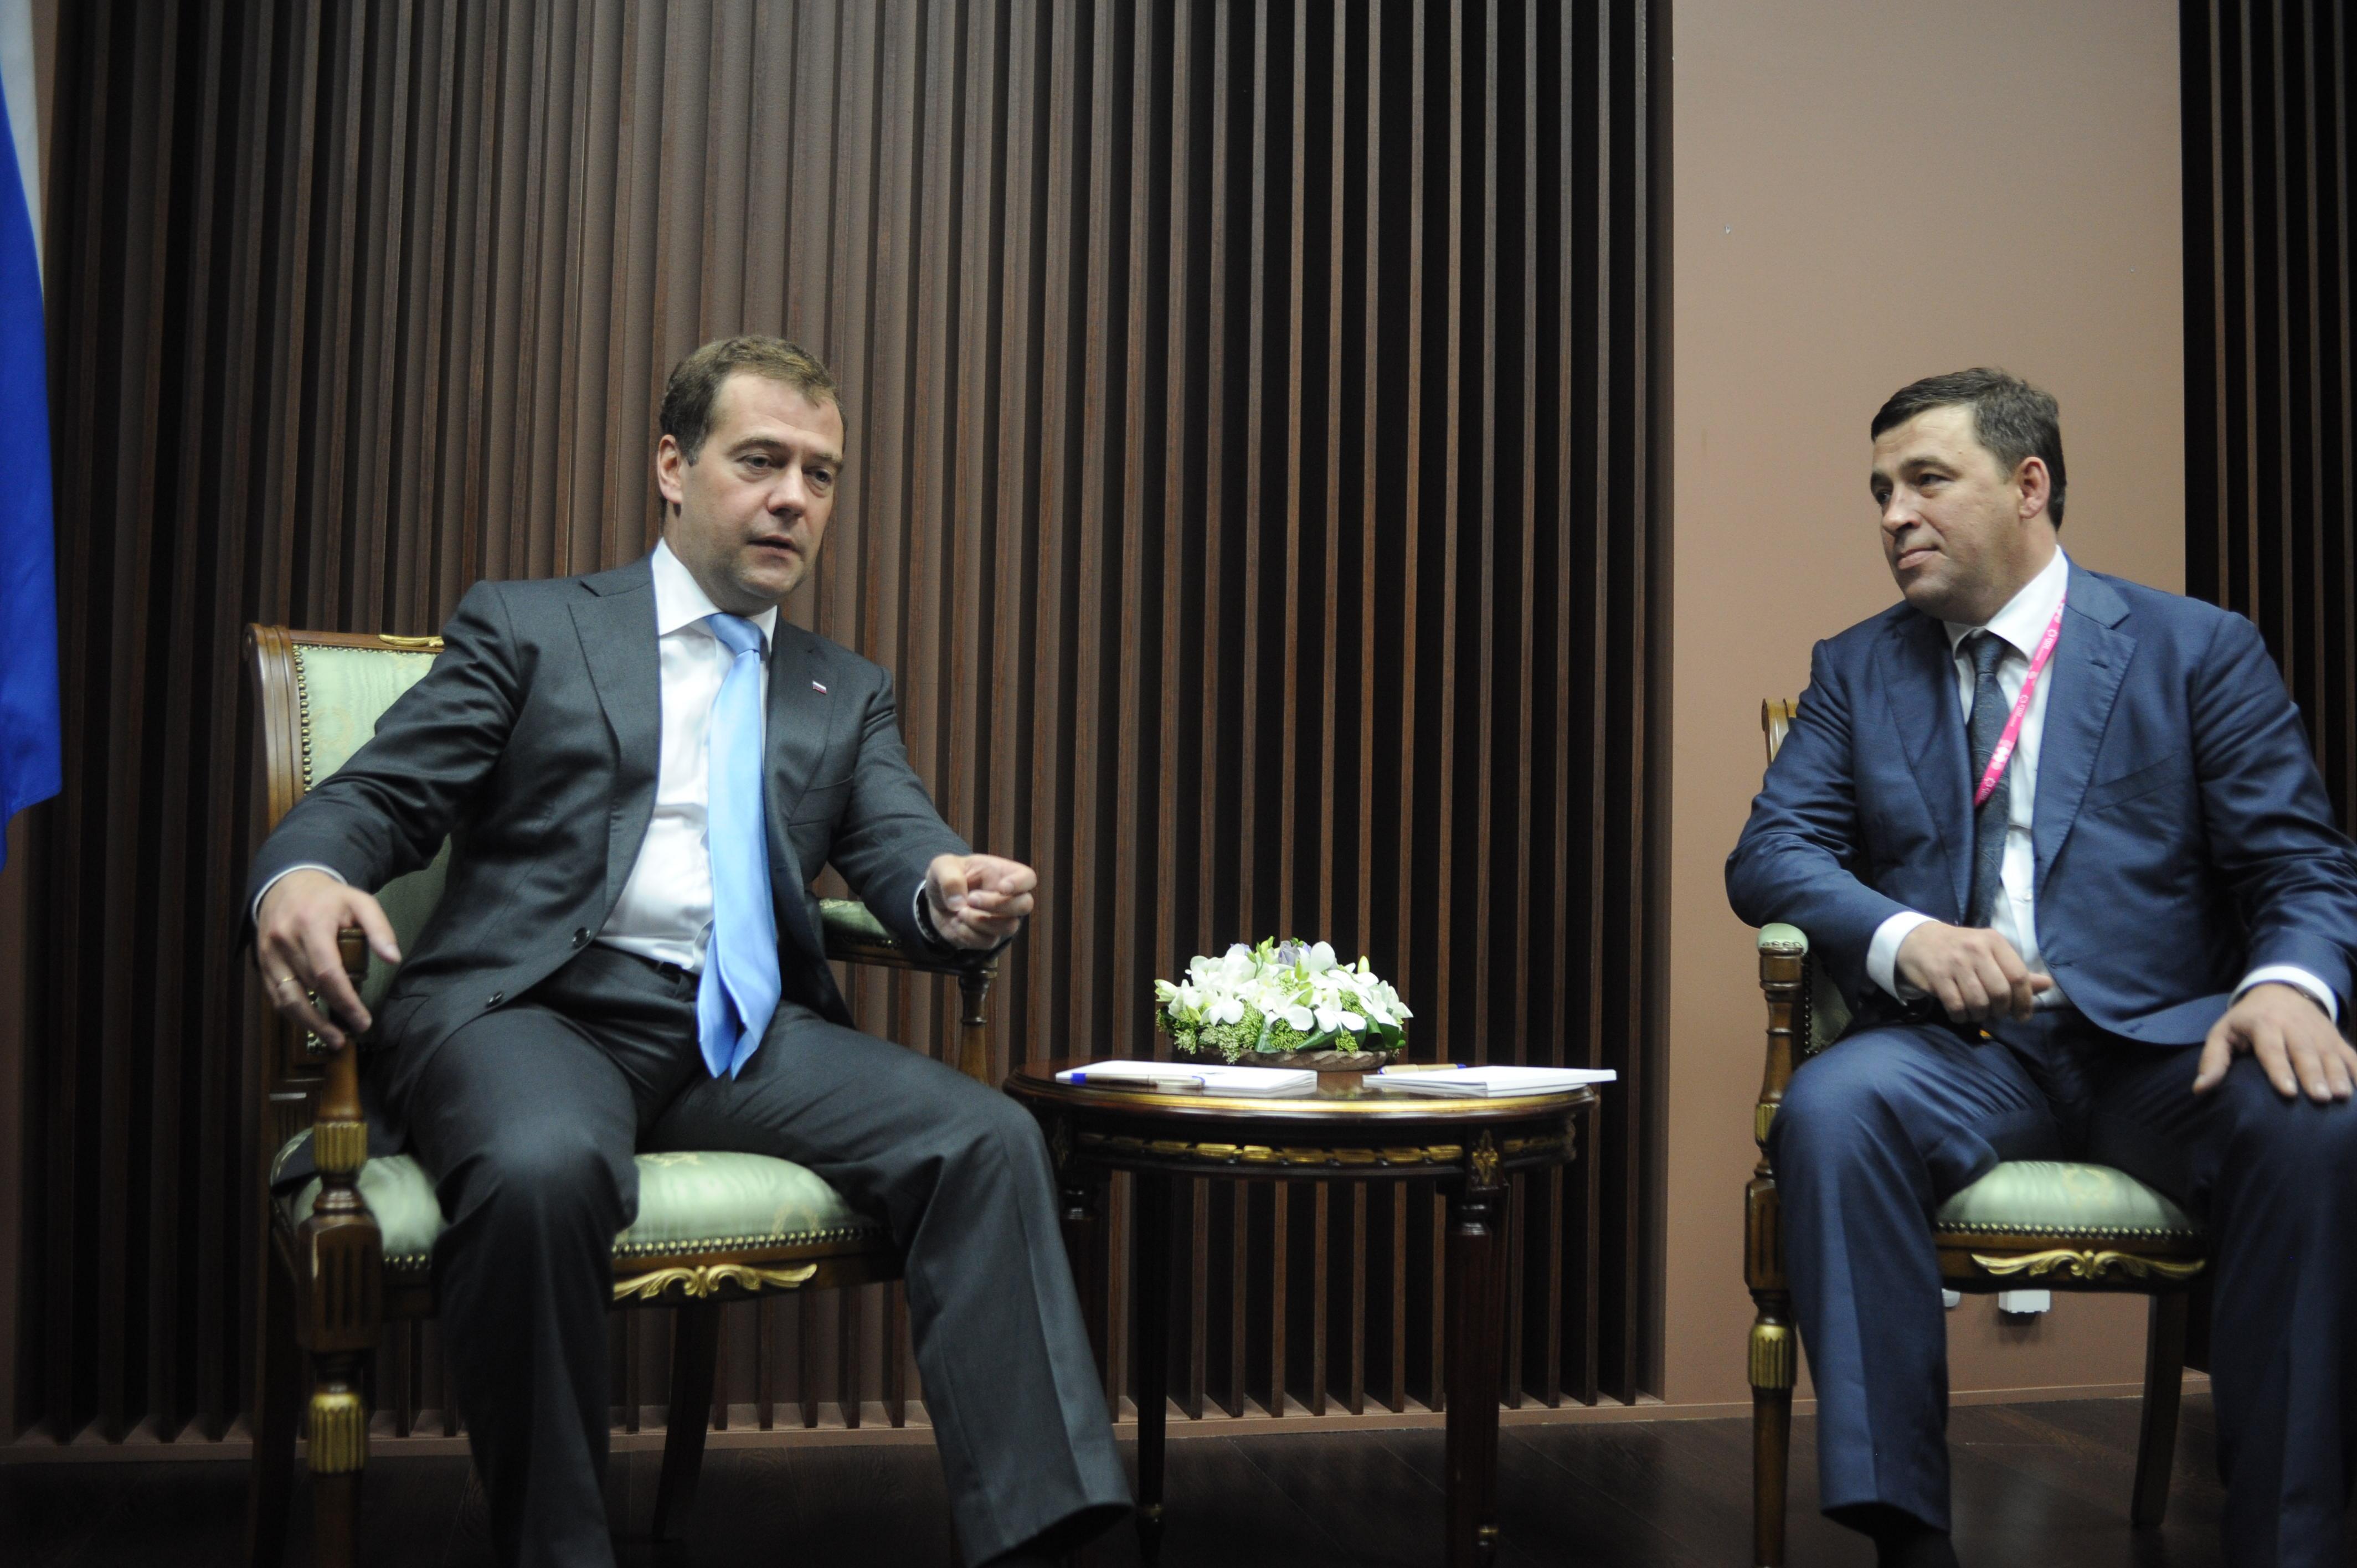 Как Дмитрий Анатольевич с Евгением Владимировичем встречались